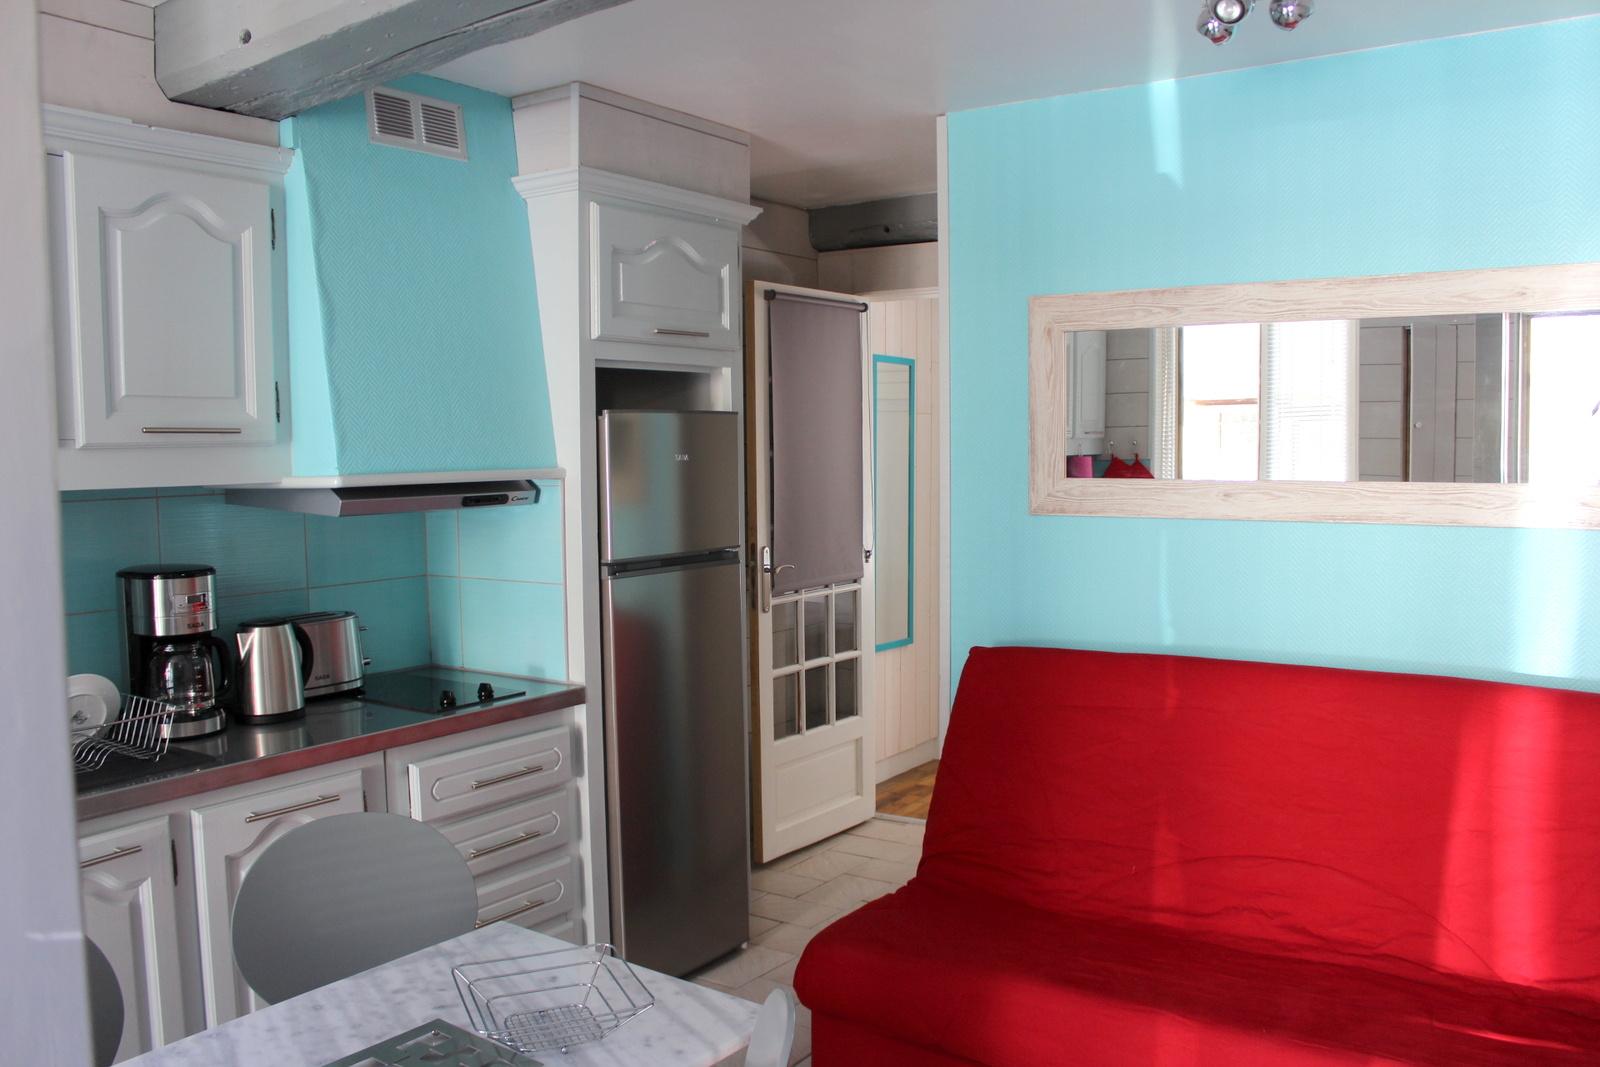 Offres locations vacances appartement louer week end semaine au rez de chauss e tr s - Appartement a louer une chambre ...